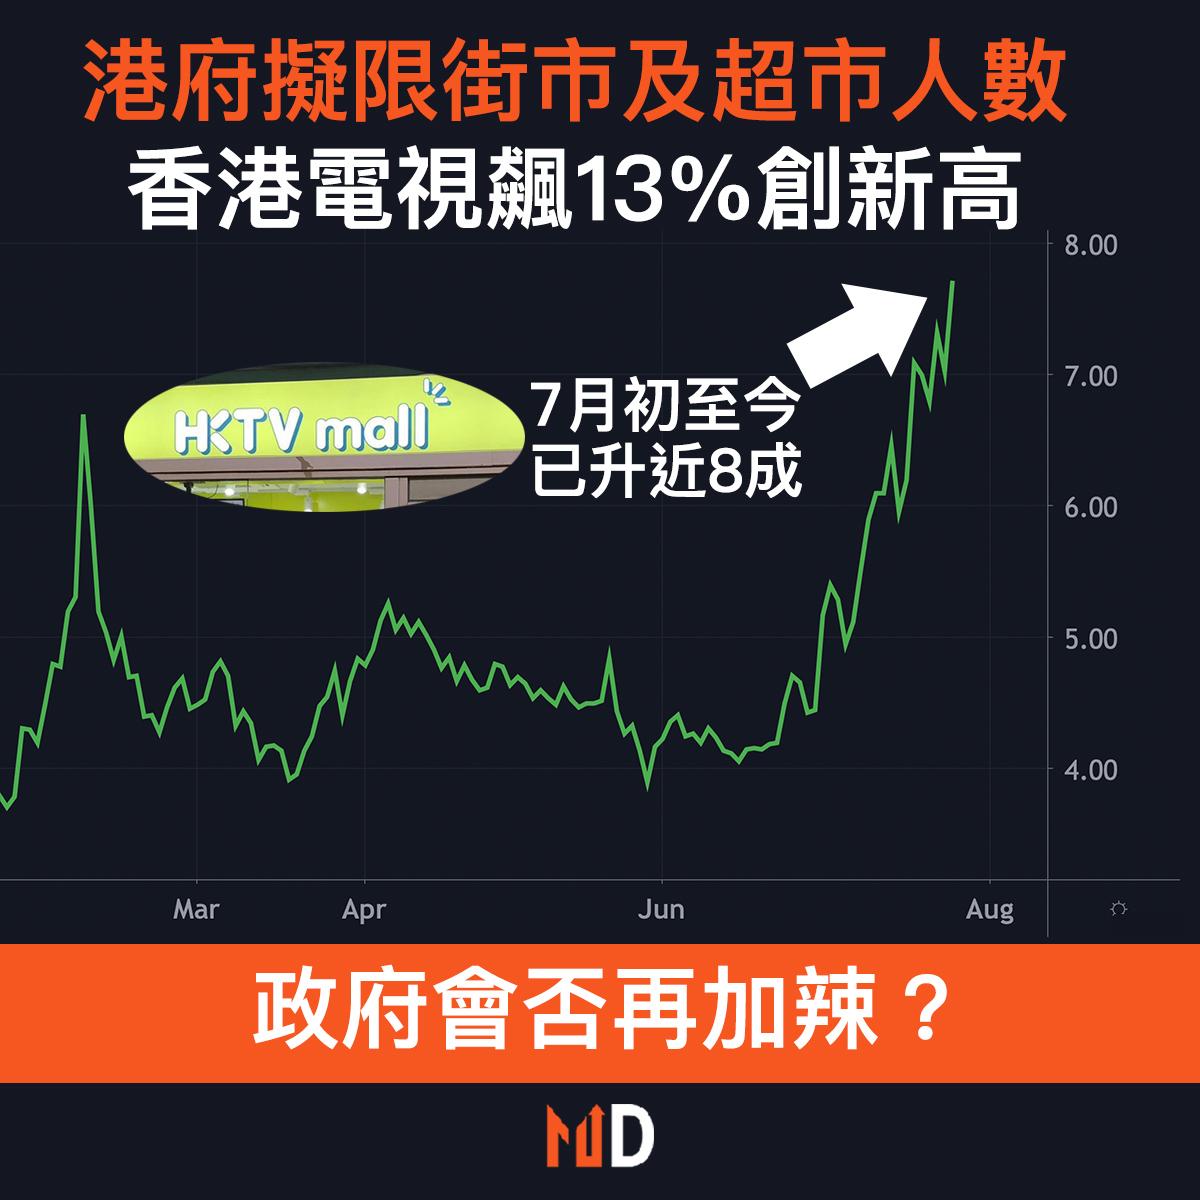 【市場熱話】港府擬限街市及超市人數,香港電視飆13%創新高